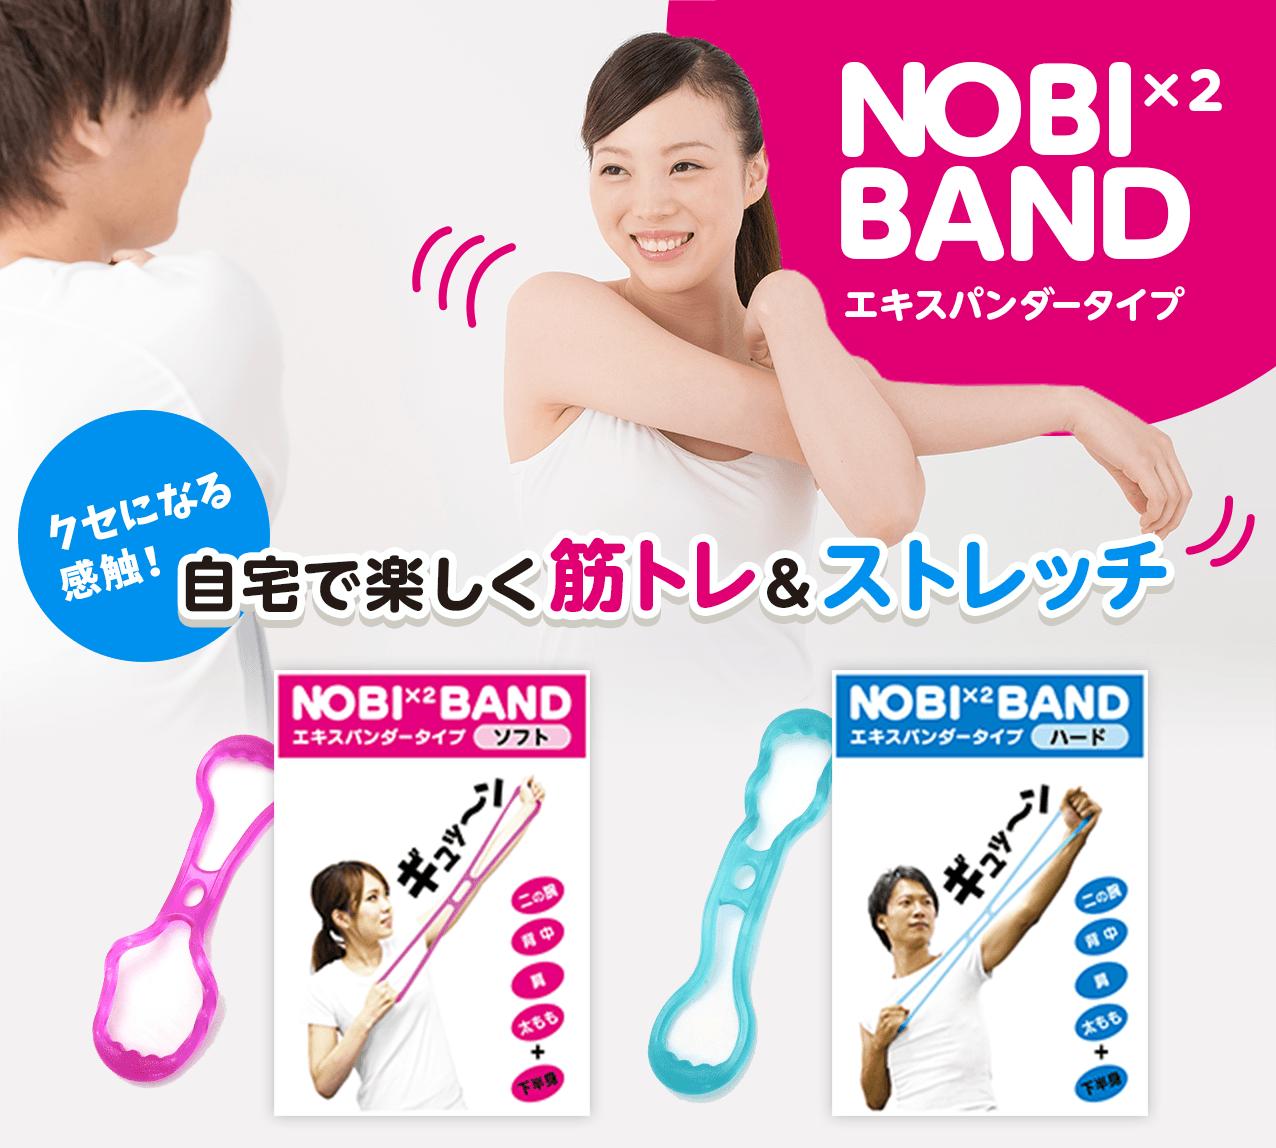 NOBI×2BAND エキスパンダータイプ クセになる感触!自宅で楽しく筋トレ&ストレッチ